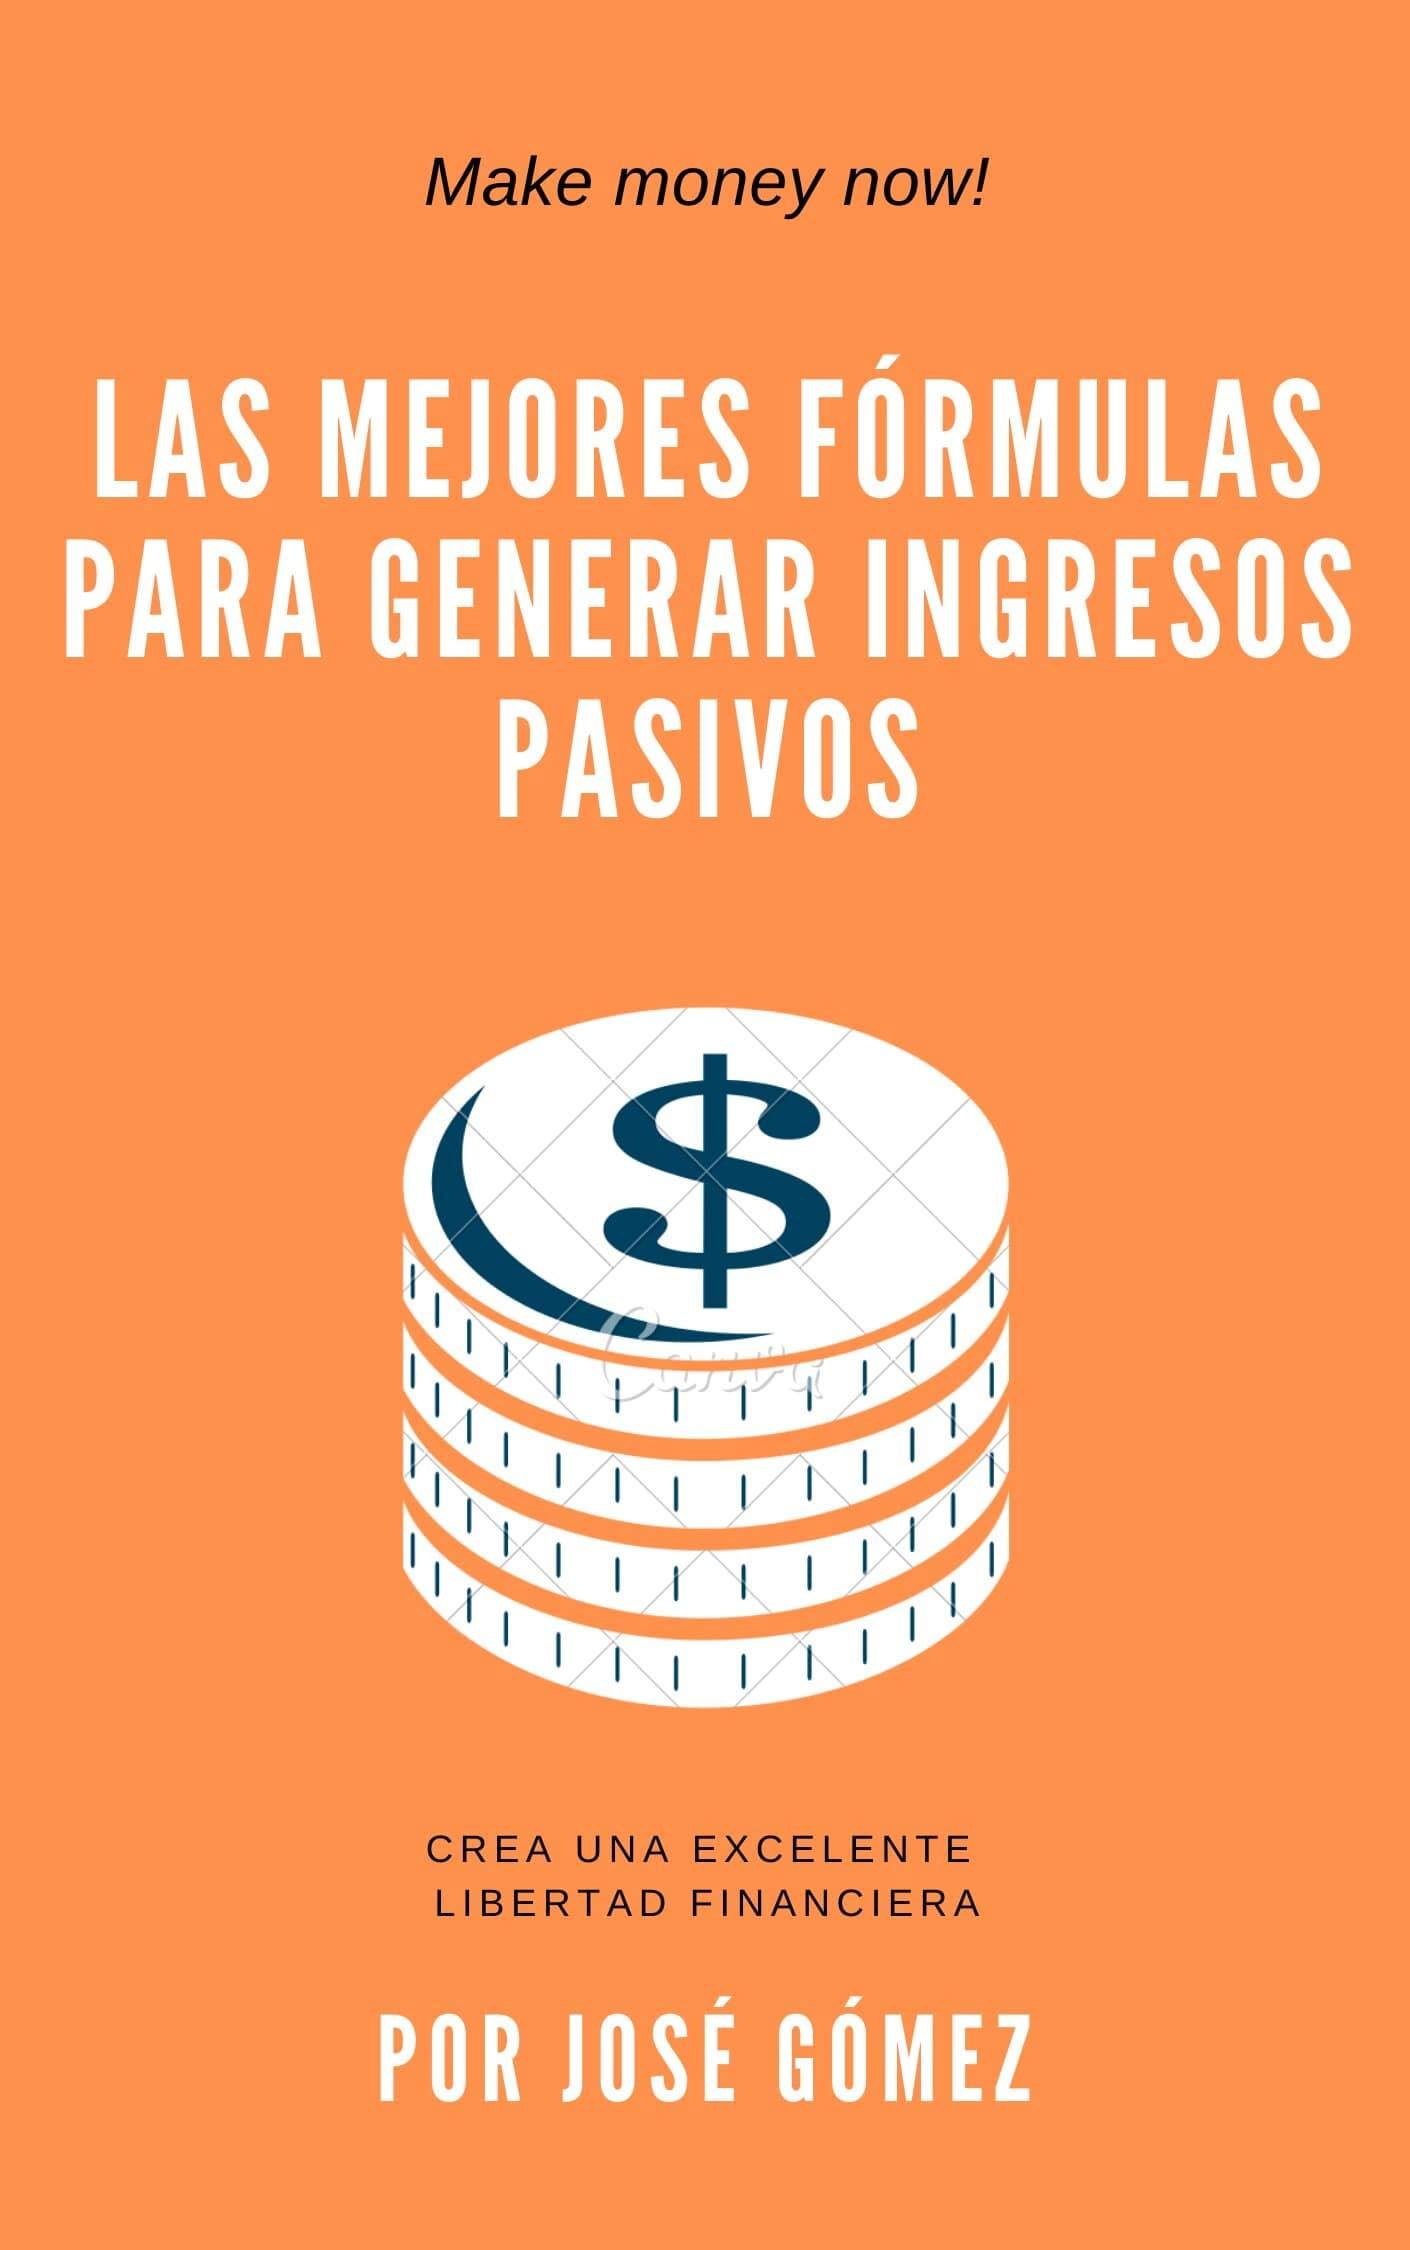 Las mejores fórmulas para generar ingresos pasivos (Spanish Edition)